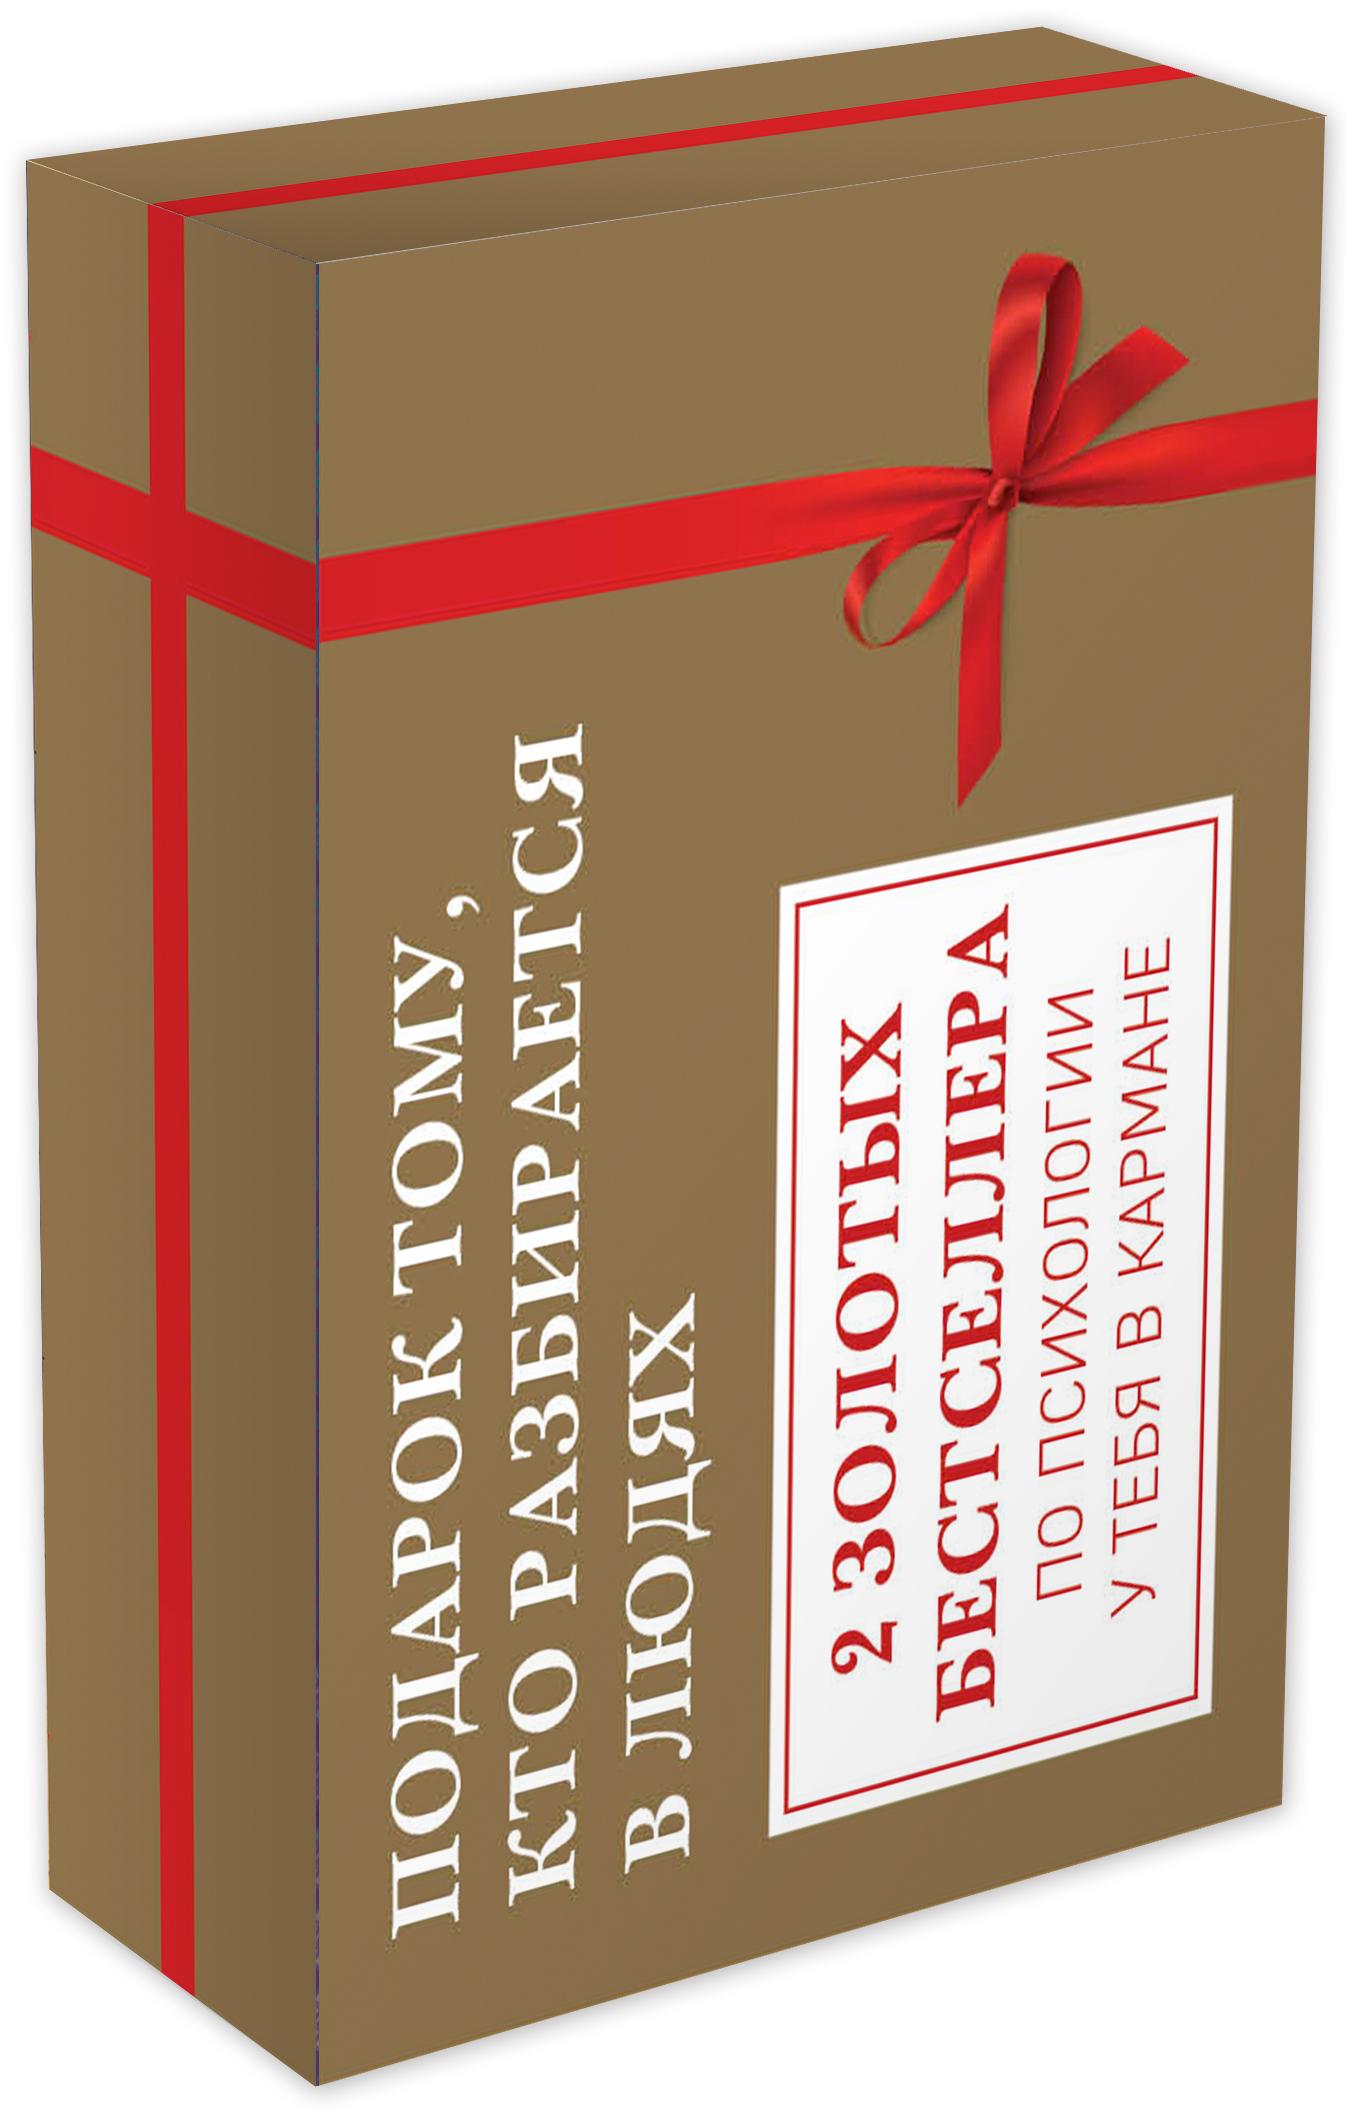 купить Эрик Берн, Аллан и Барбара Пиз Подарок тому, кто разбирается в людях. 2 золотых бестселлера по психологии у тебя в кармане недорого